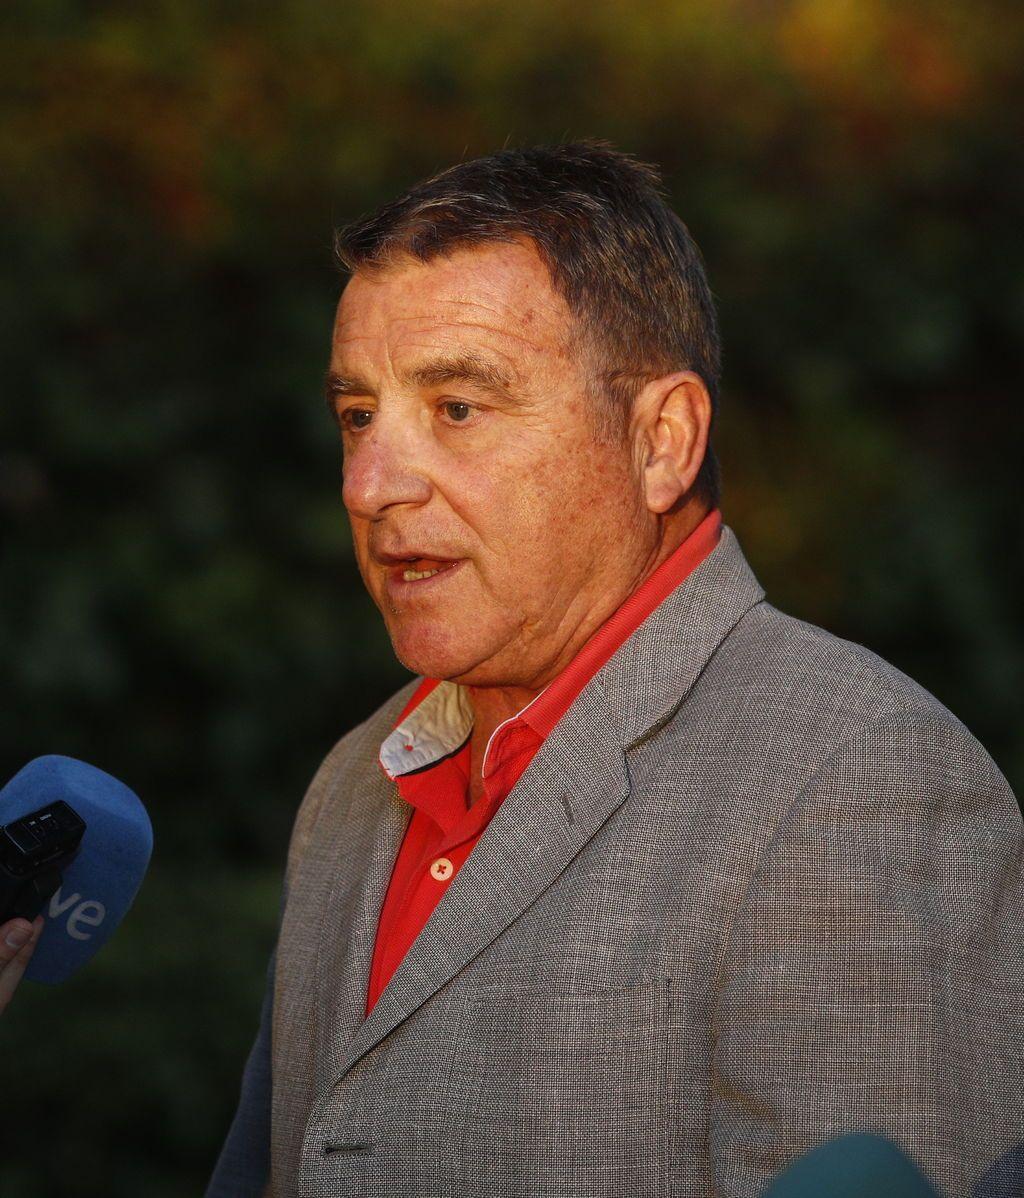 Dolor en el último adiós a Chicho Ibáñez Serrador